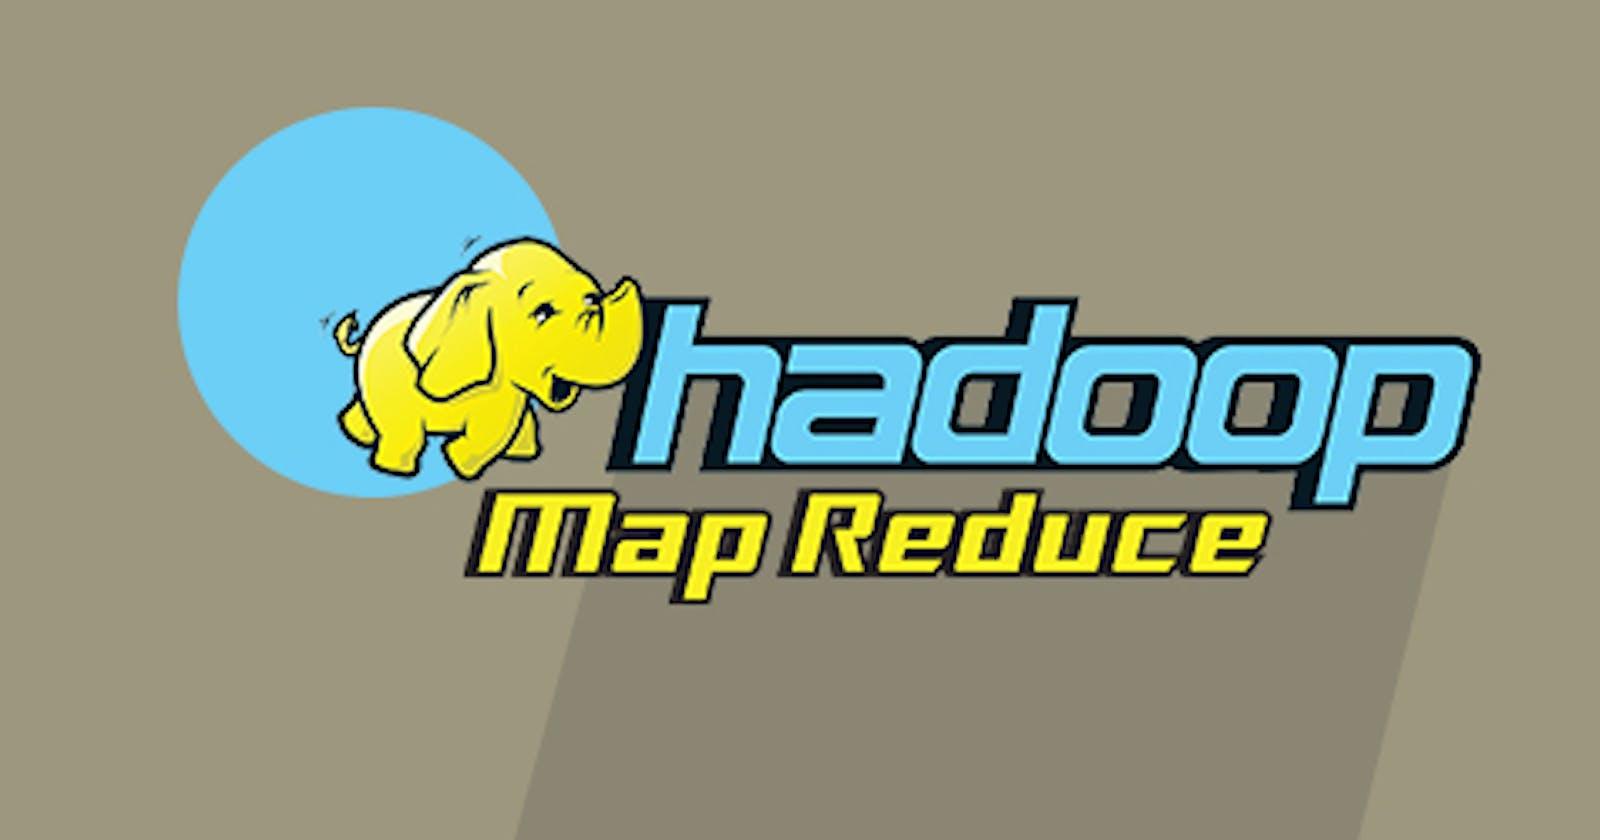 Hadoop MapReduce - A Programming Paradigm